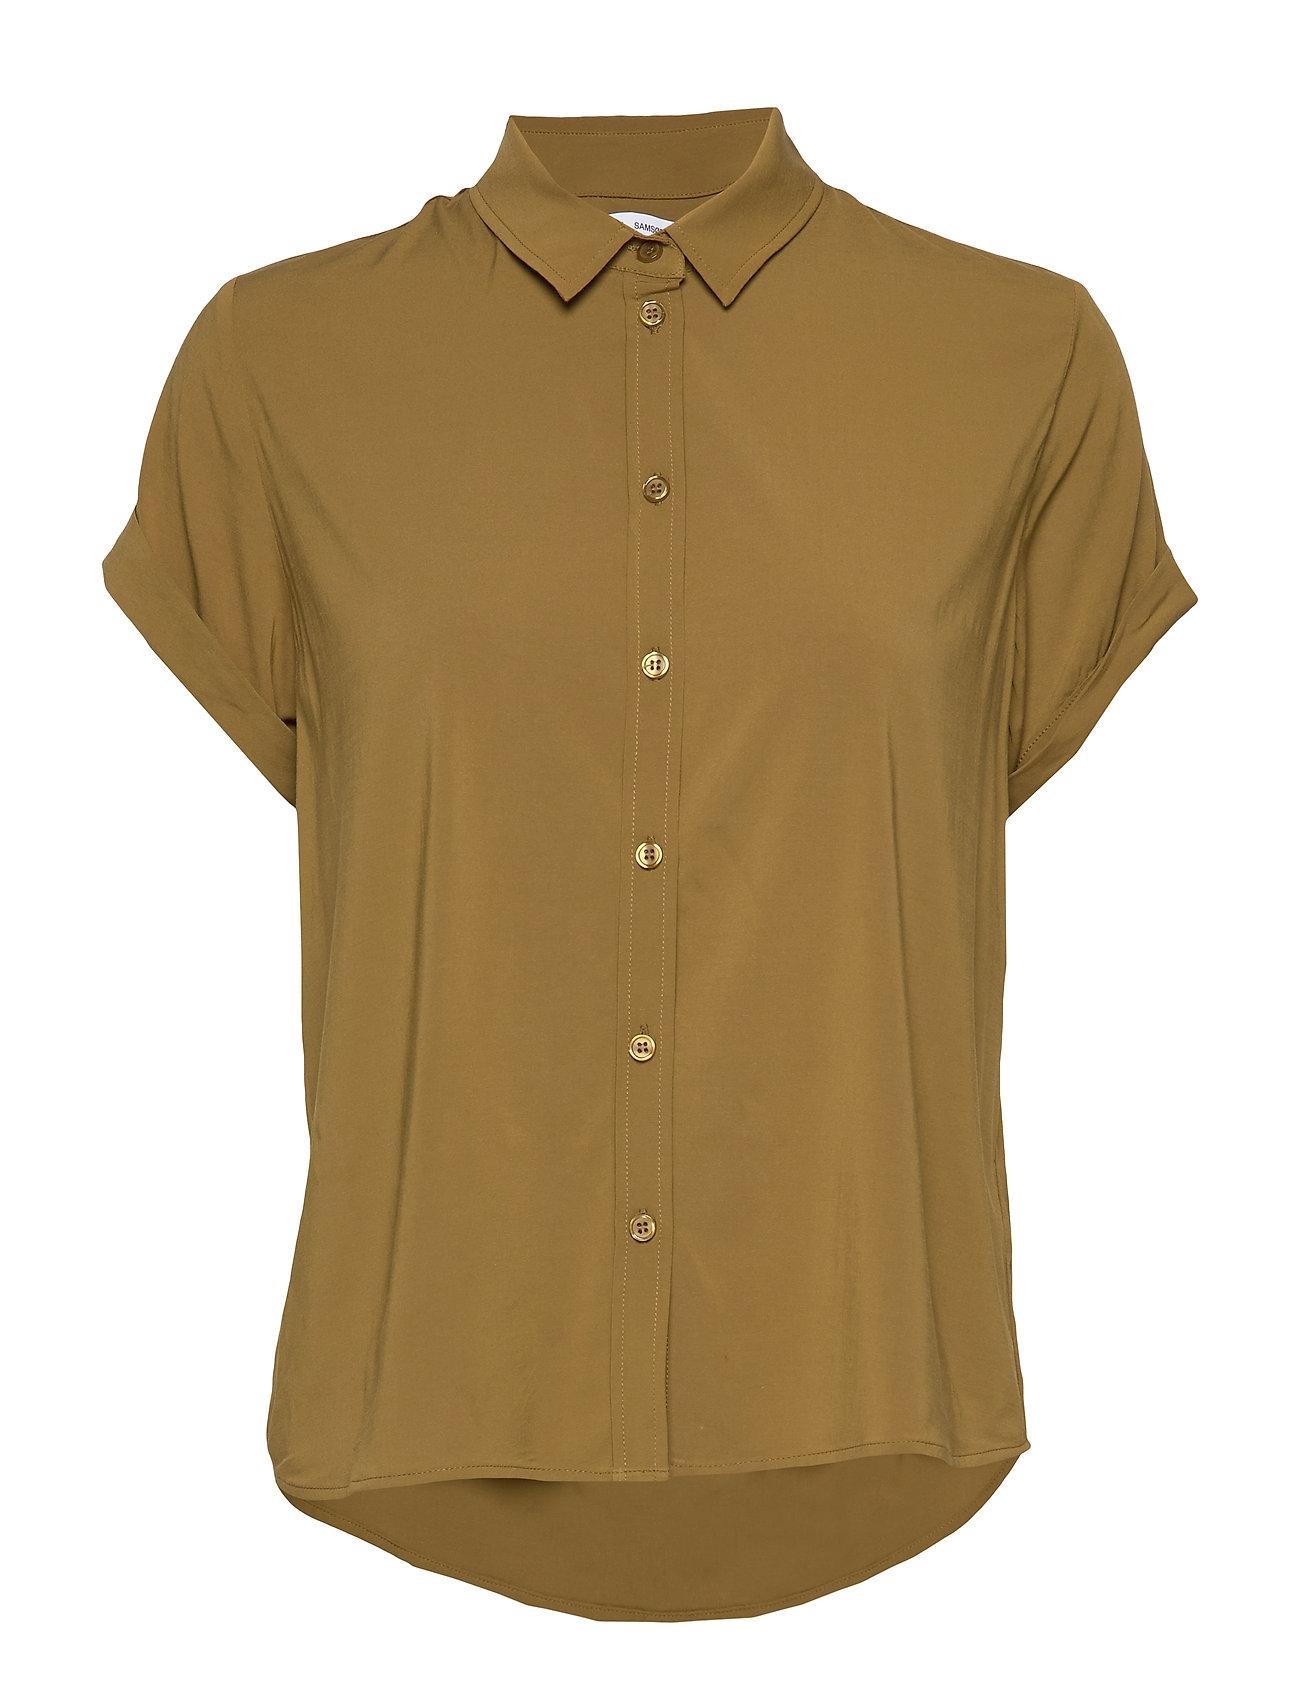 Samsøe Samsøe Majan ss shirt 9942 - GREEN KHAKI